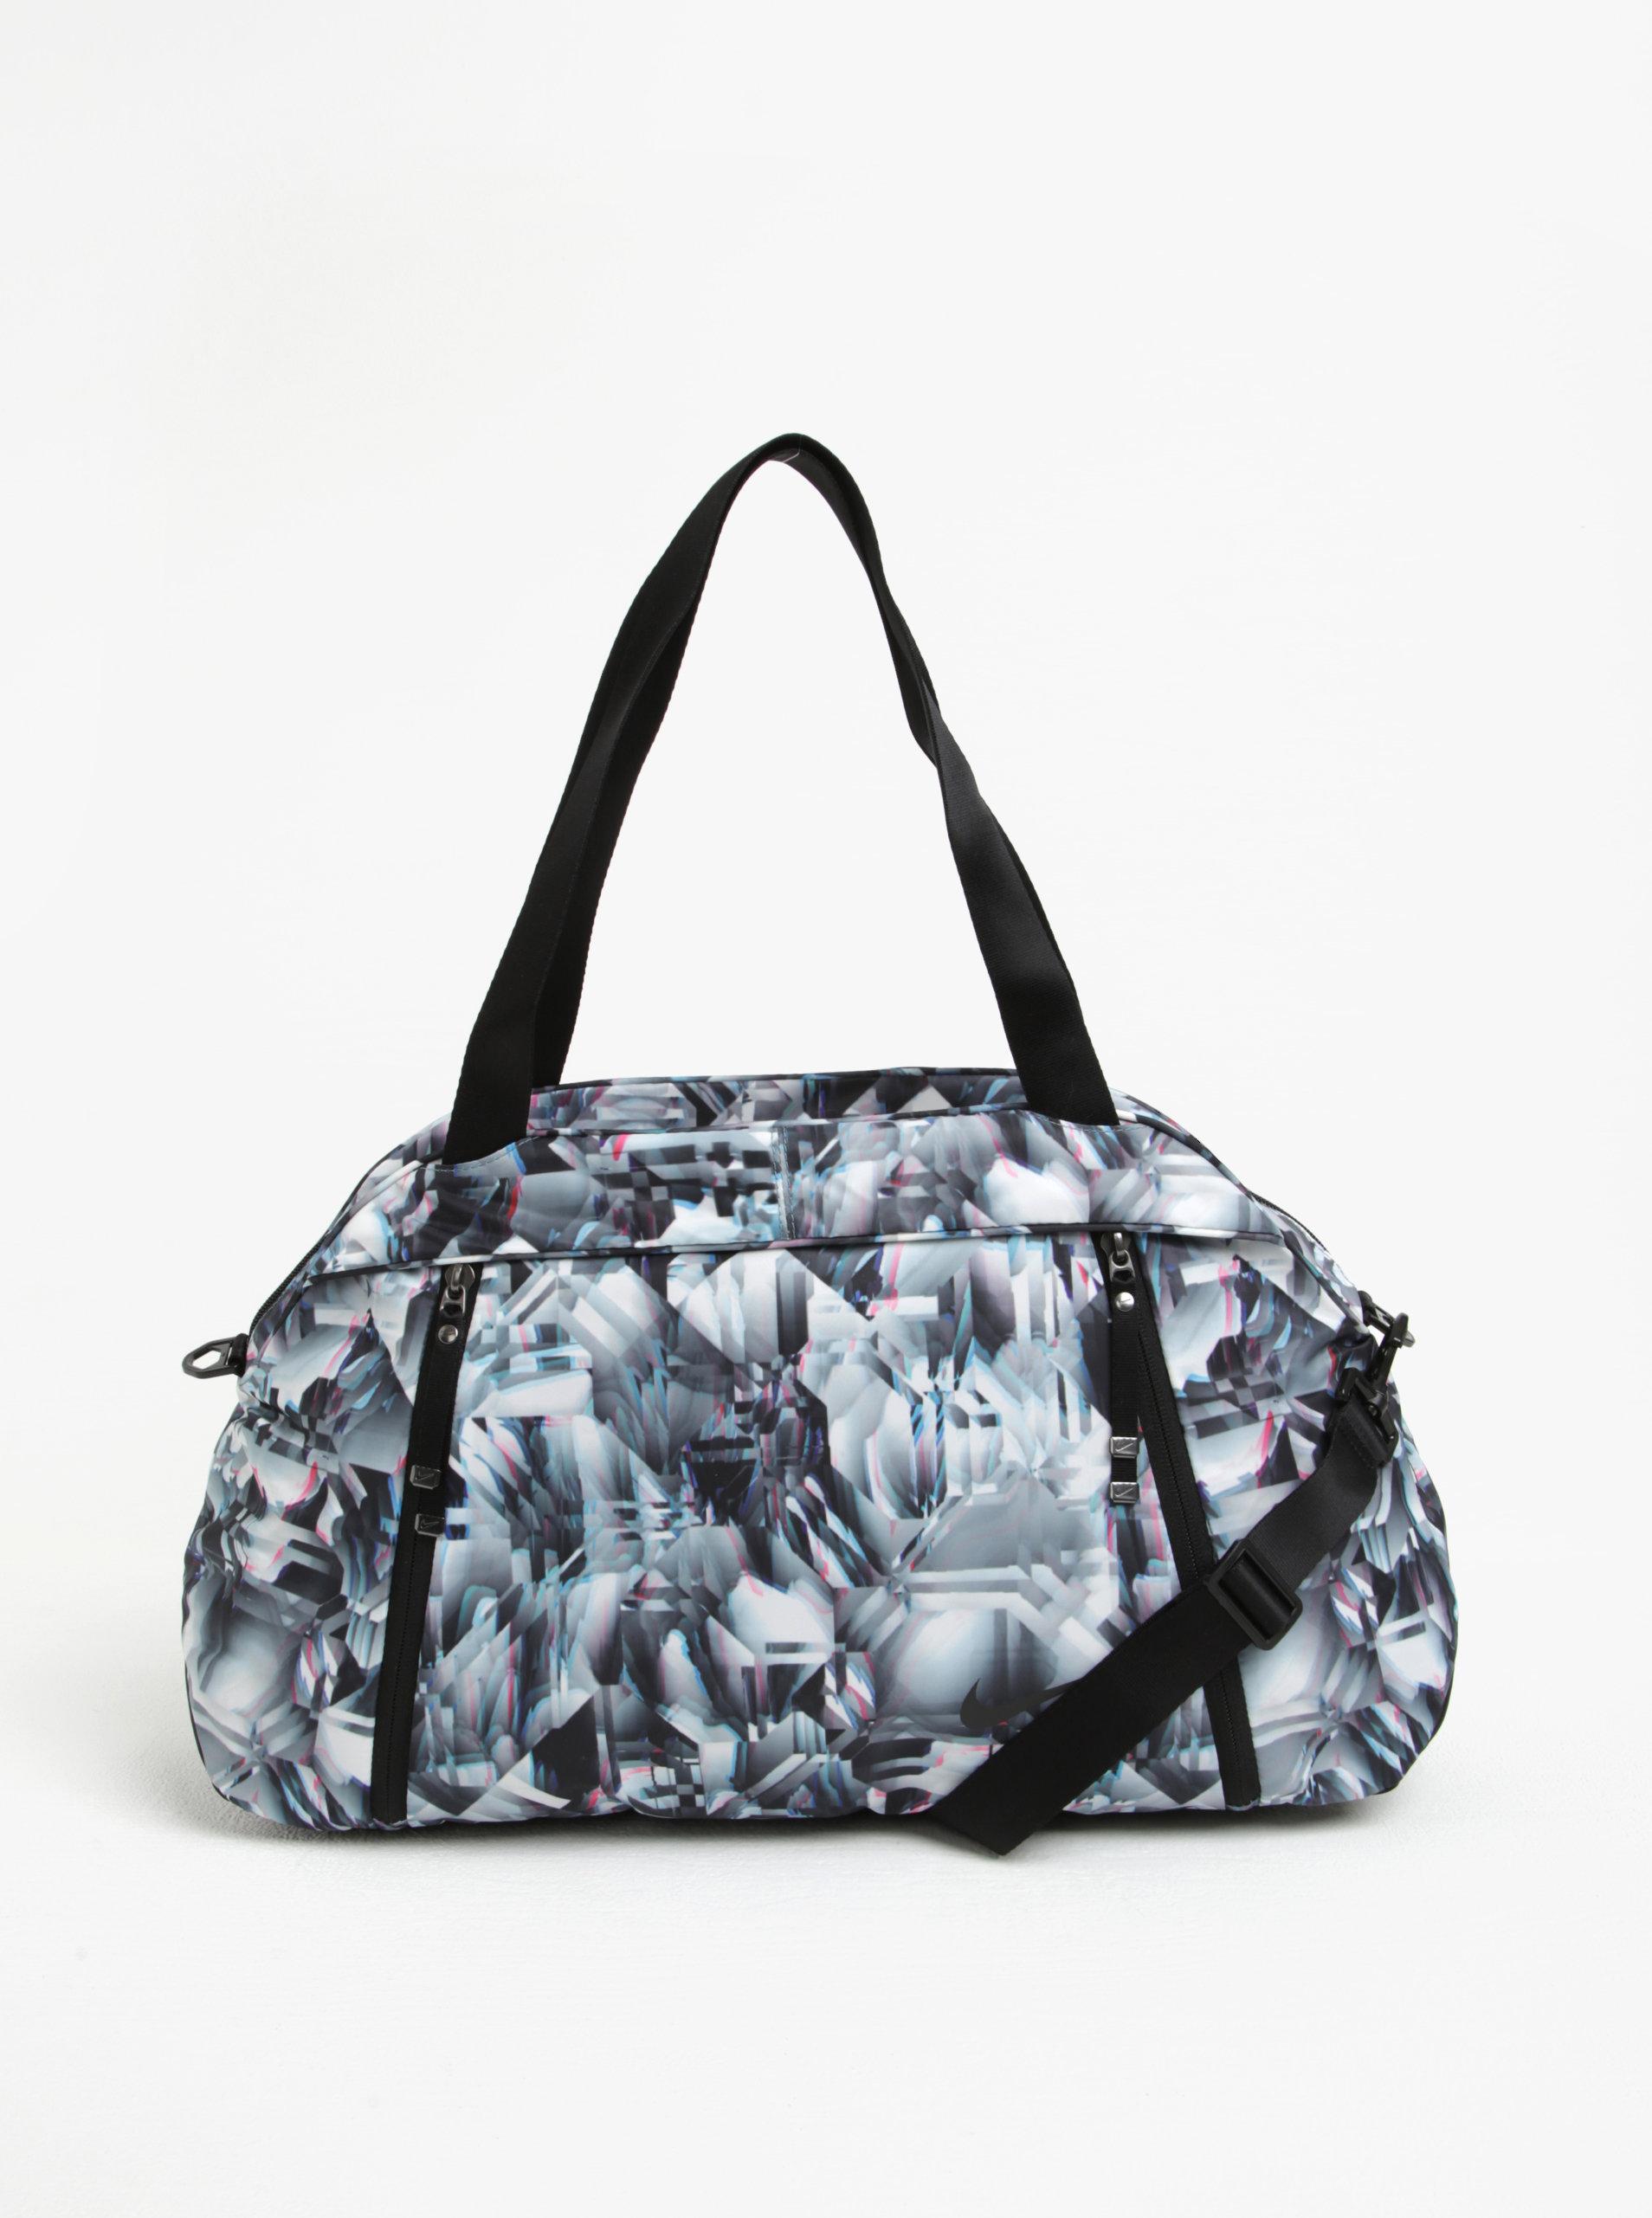 1cb723e781e Černo-bílá dámská vzorovaná sportovní taška Nike 23 l ...